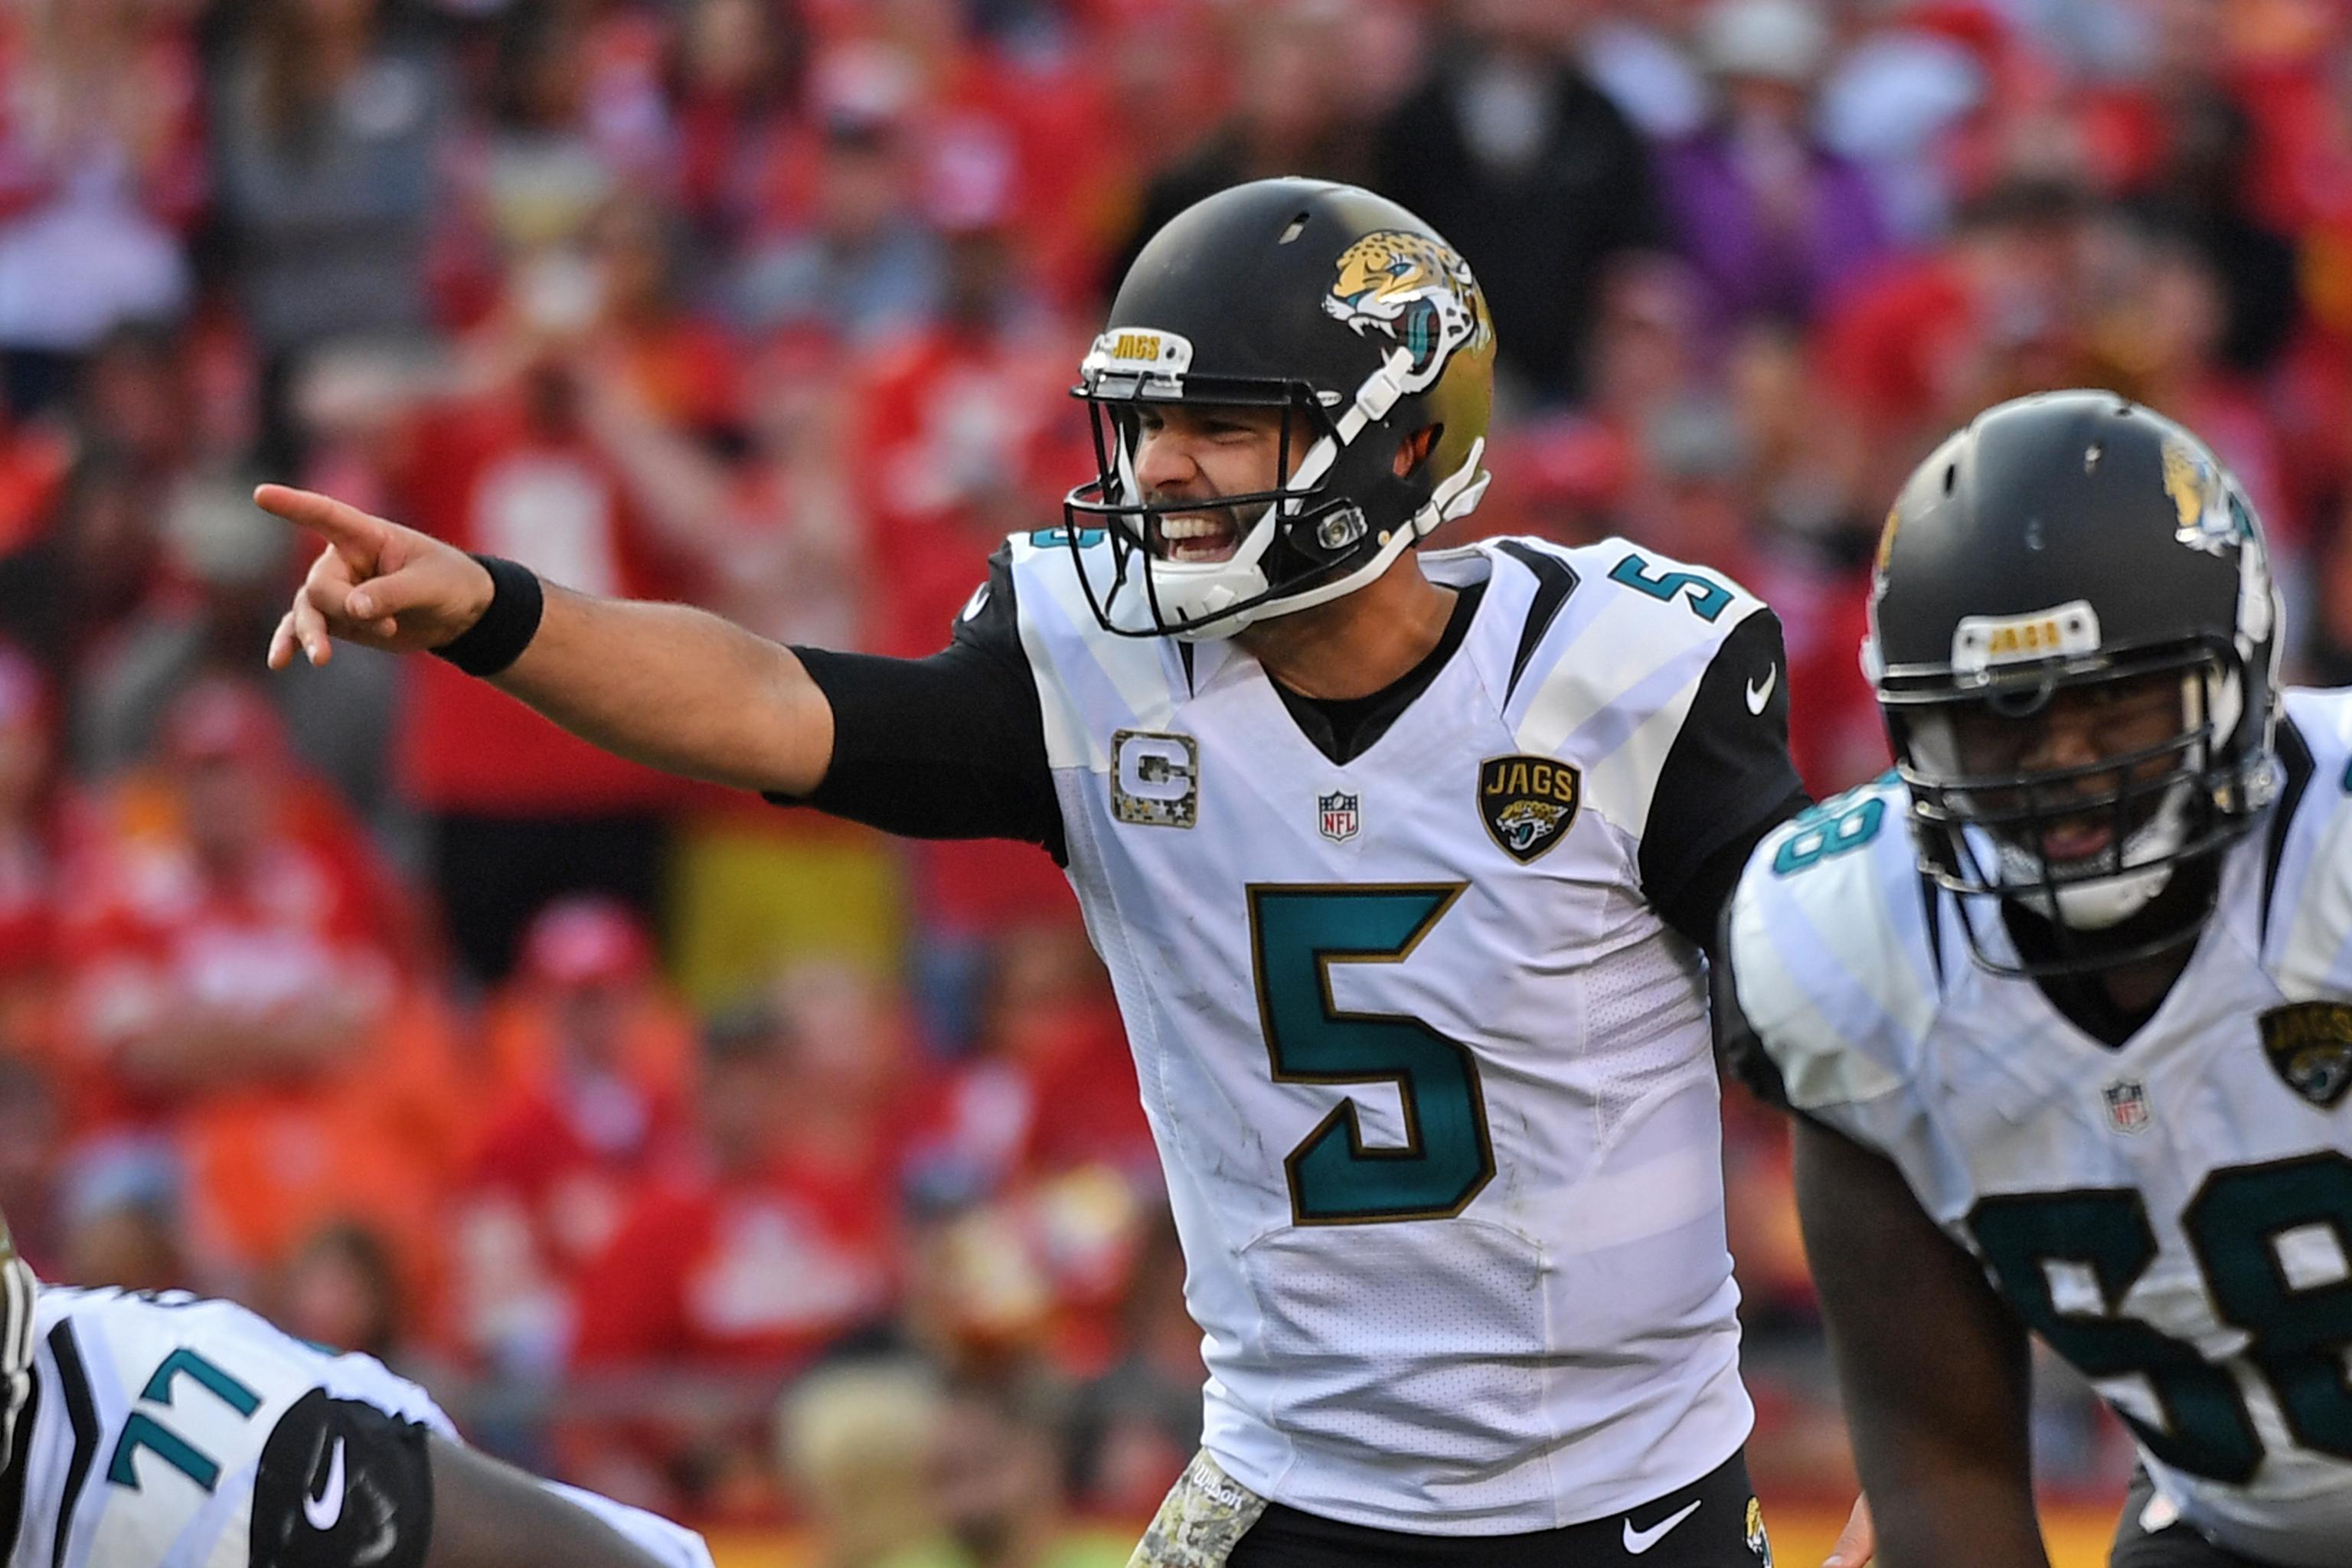 Texans vs jaguars betting odds beyonce and kendrick lamar on bet awards